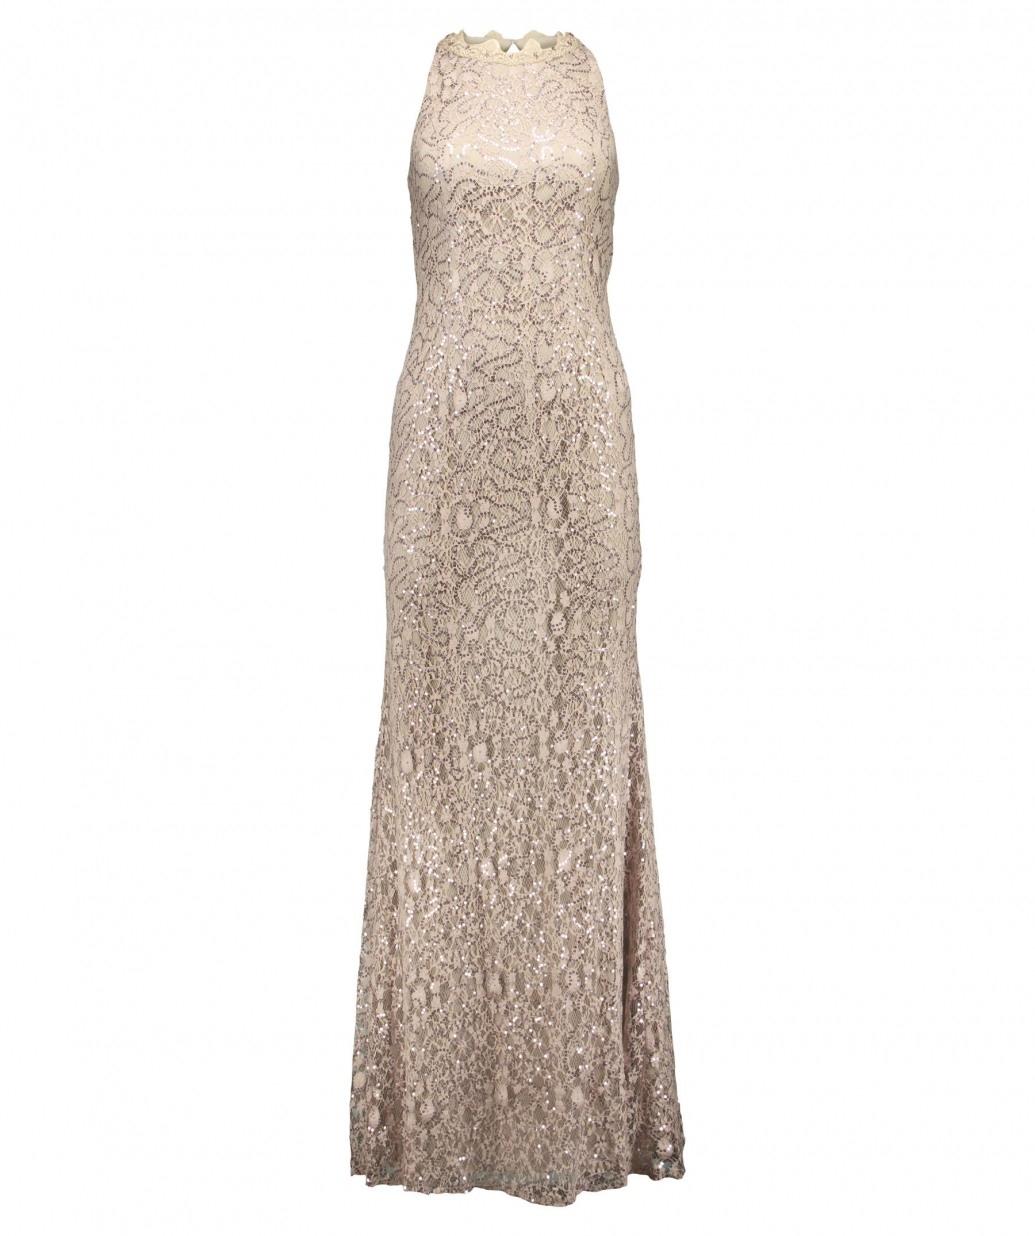 15 Großartig Elegante Kleider Kaufen Ärmel13 Genial Elegante Kleider Kaufen Stylish